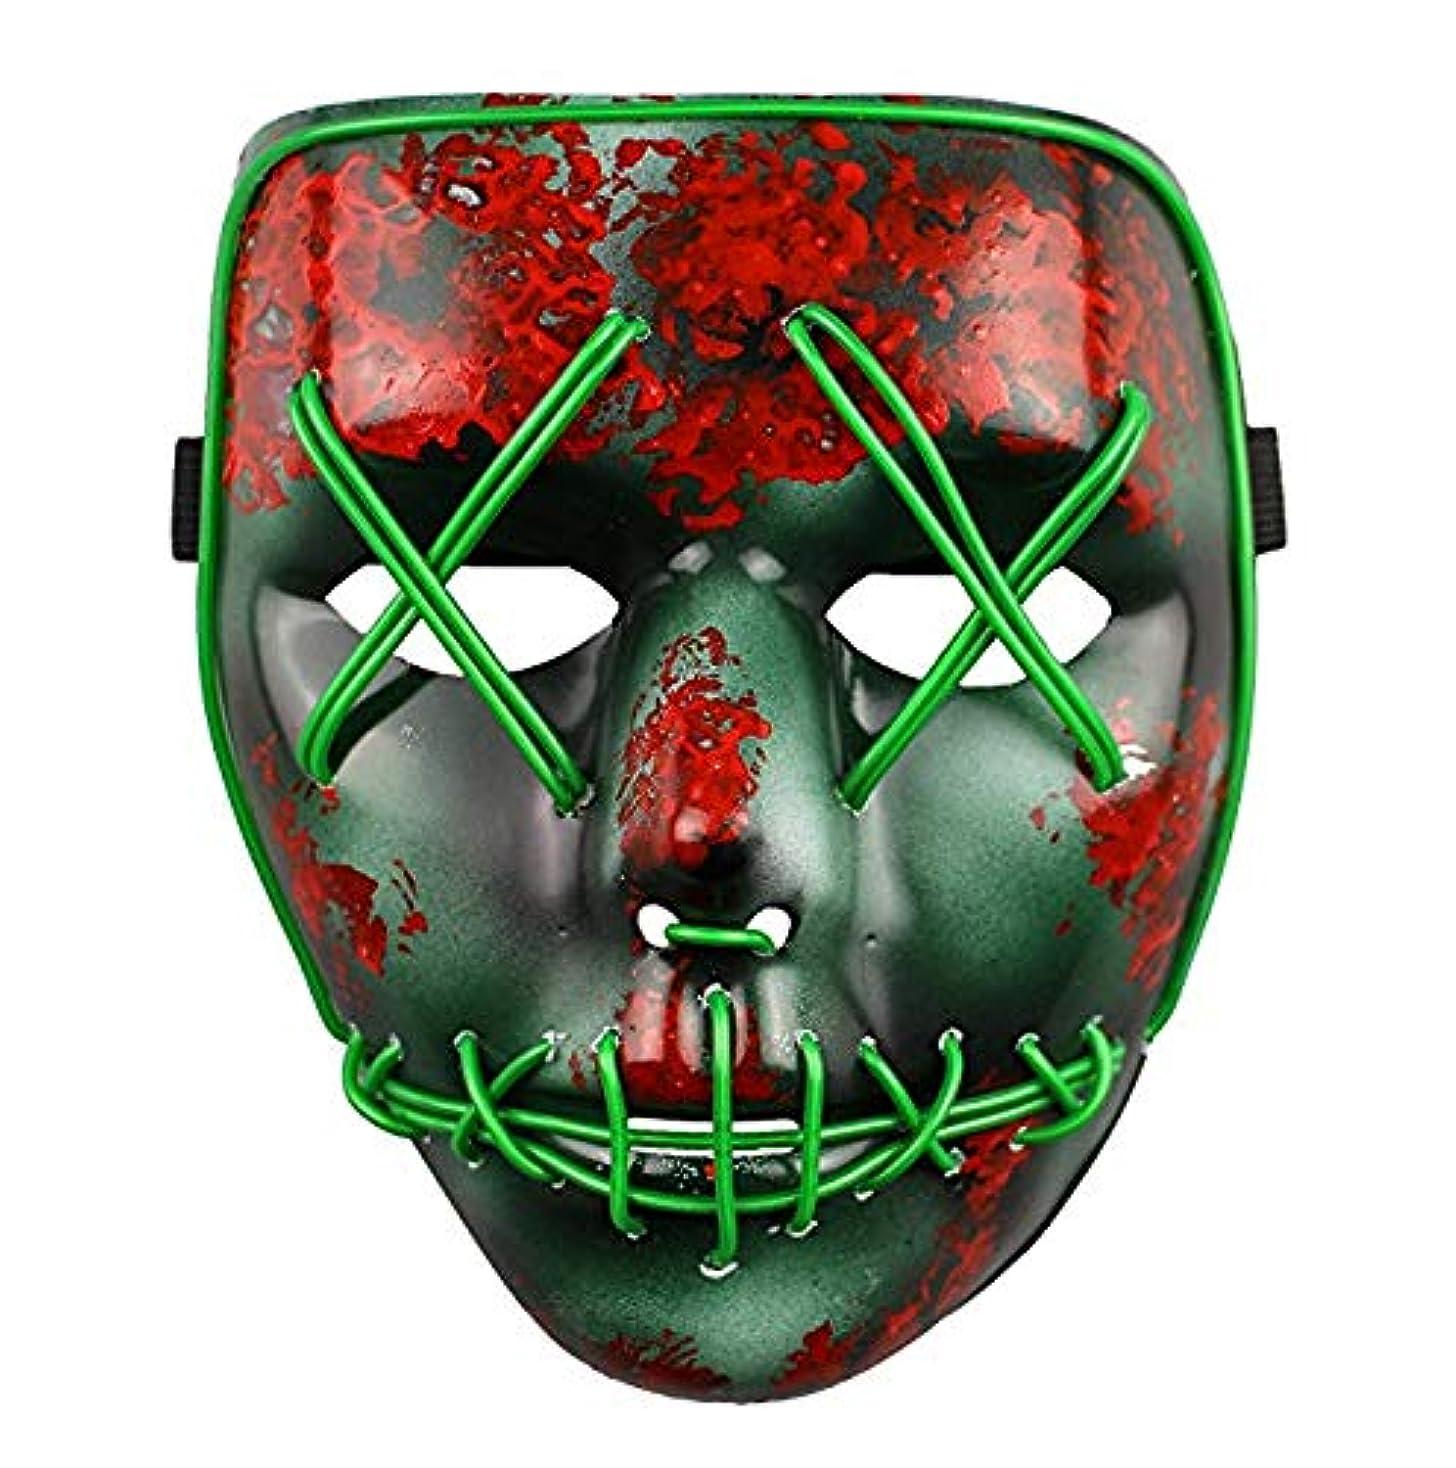 ジョセフバンクス愛情深い嘆くライトアップマスクフェスティバルハロウィンコスチュームアダルトマスク